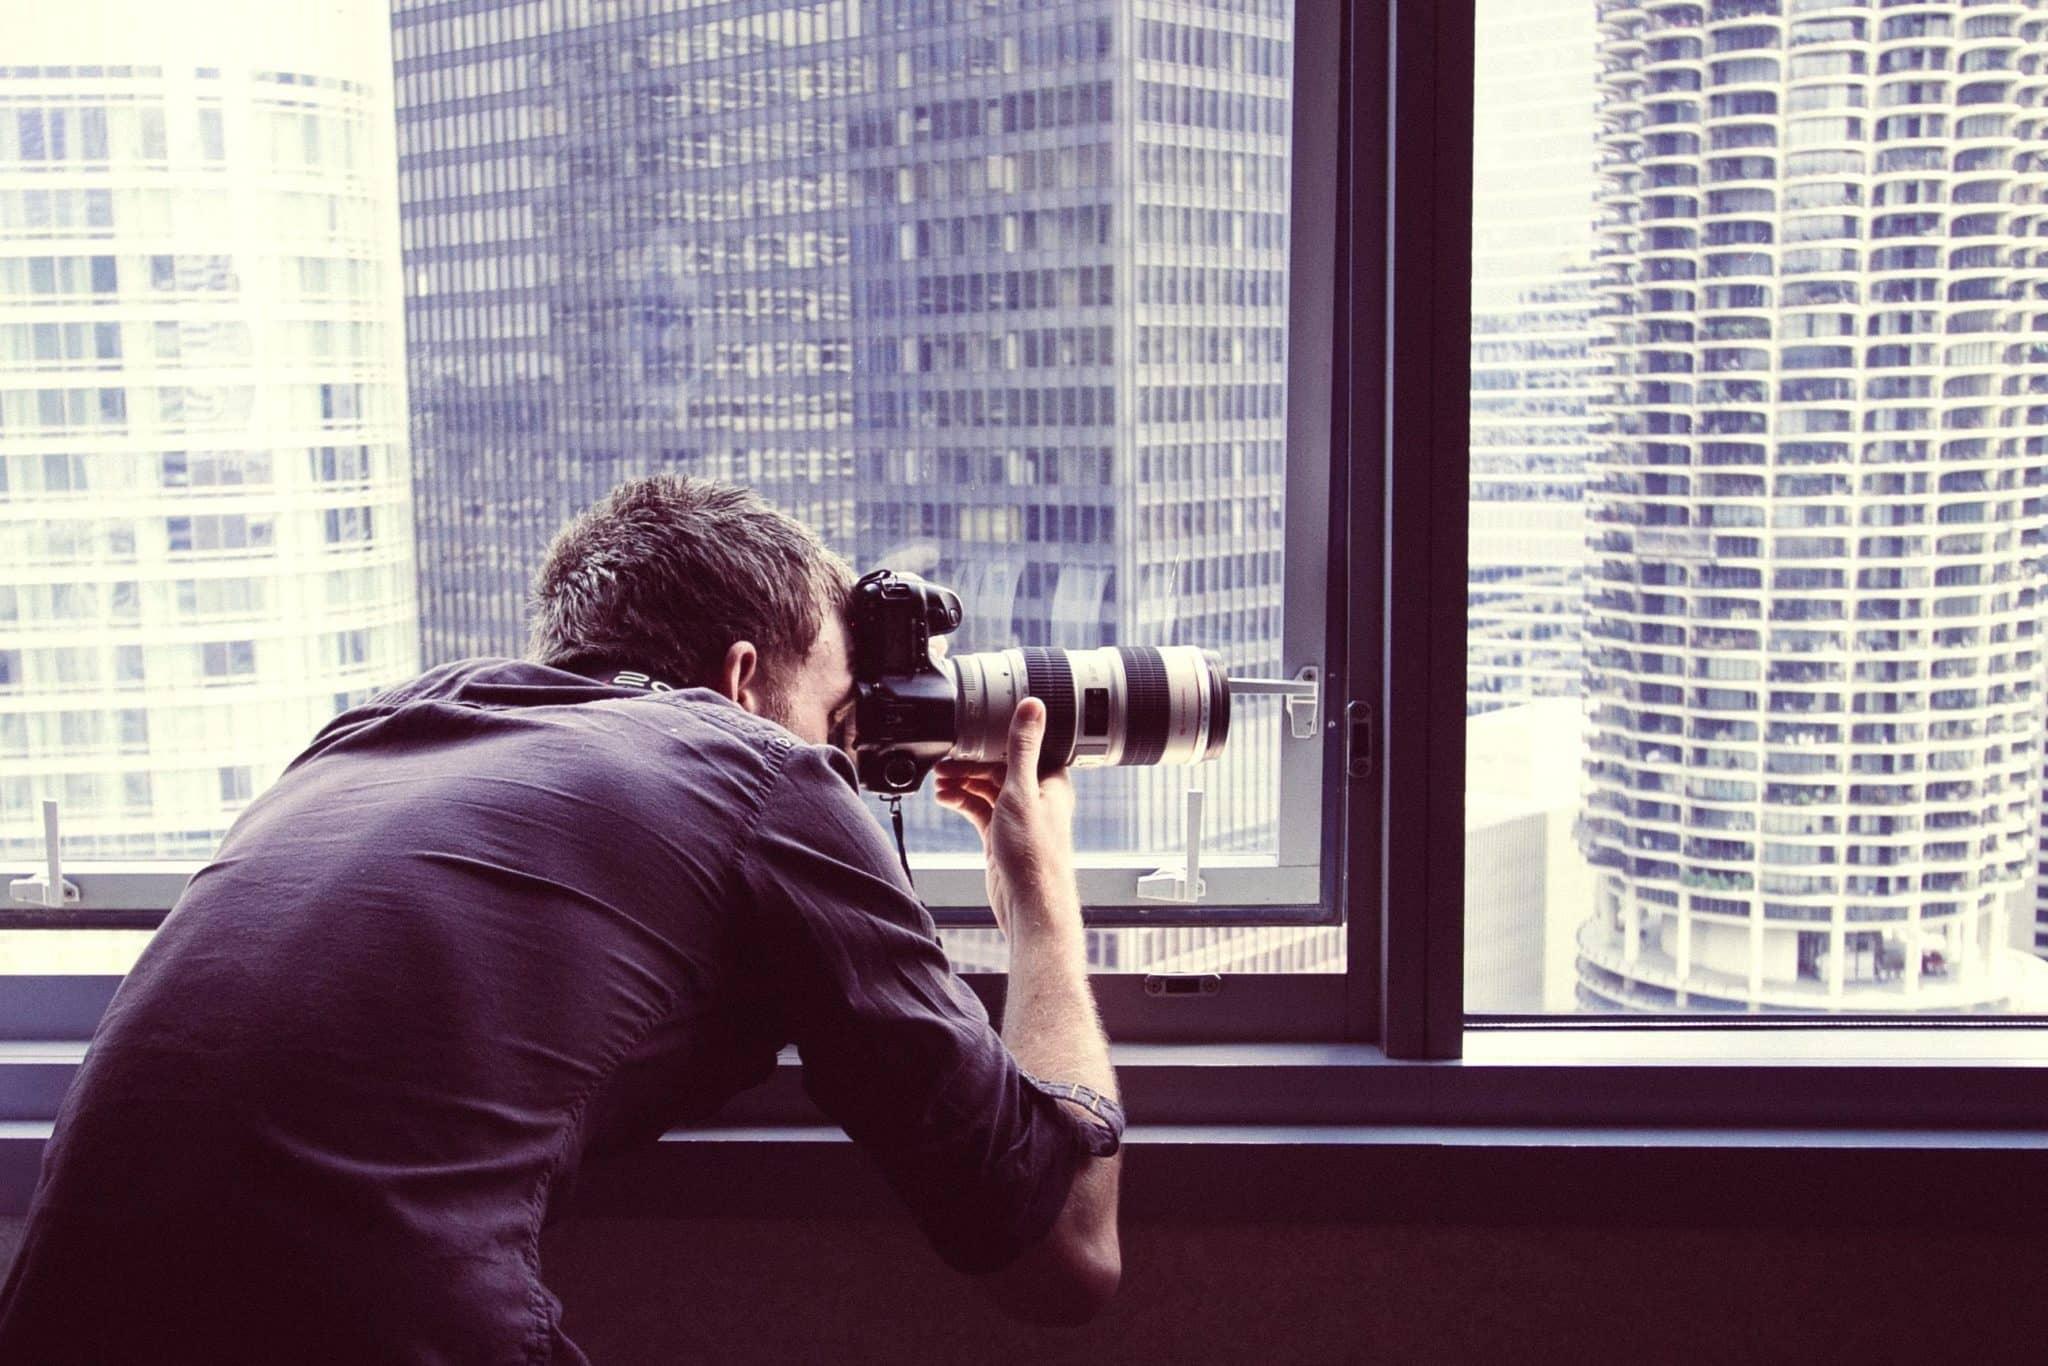 Le photographe professionnel : un partenaire privilégié pour les chefs d'entreprises